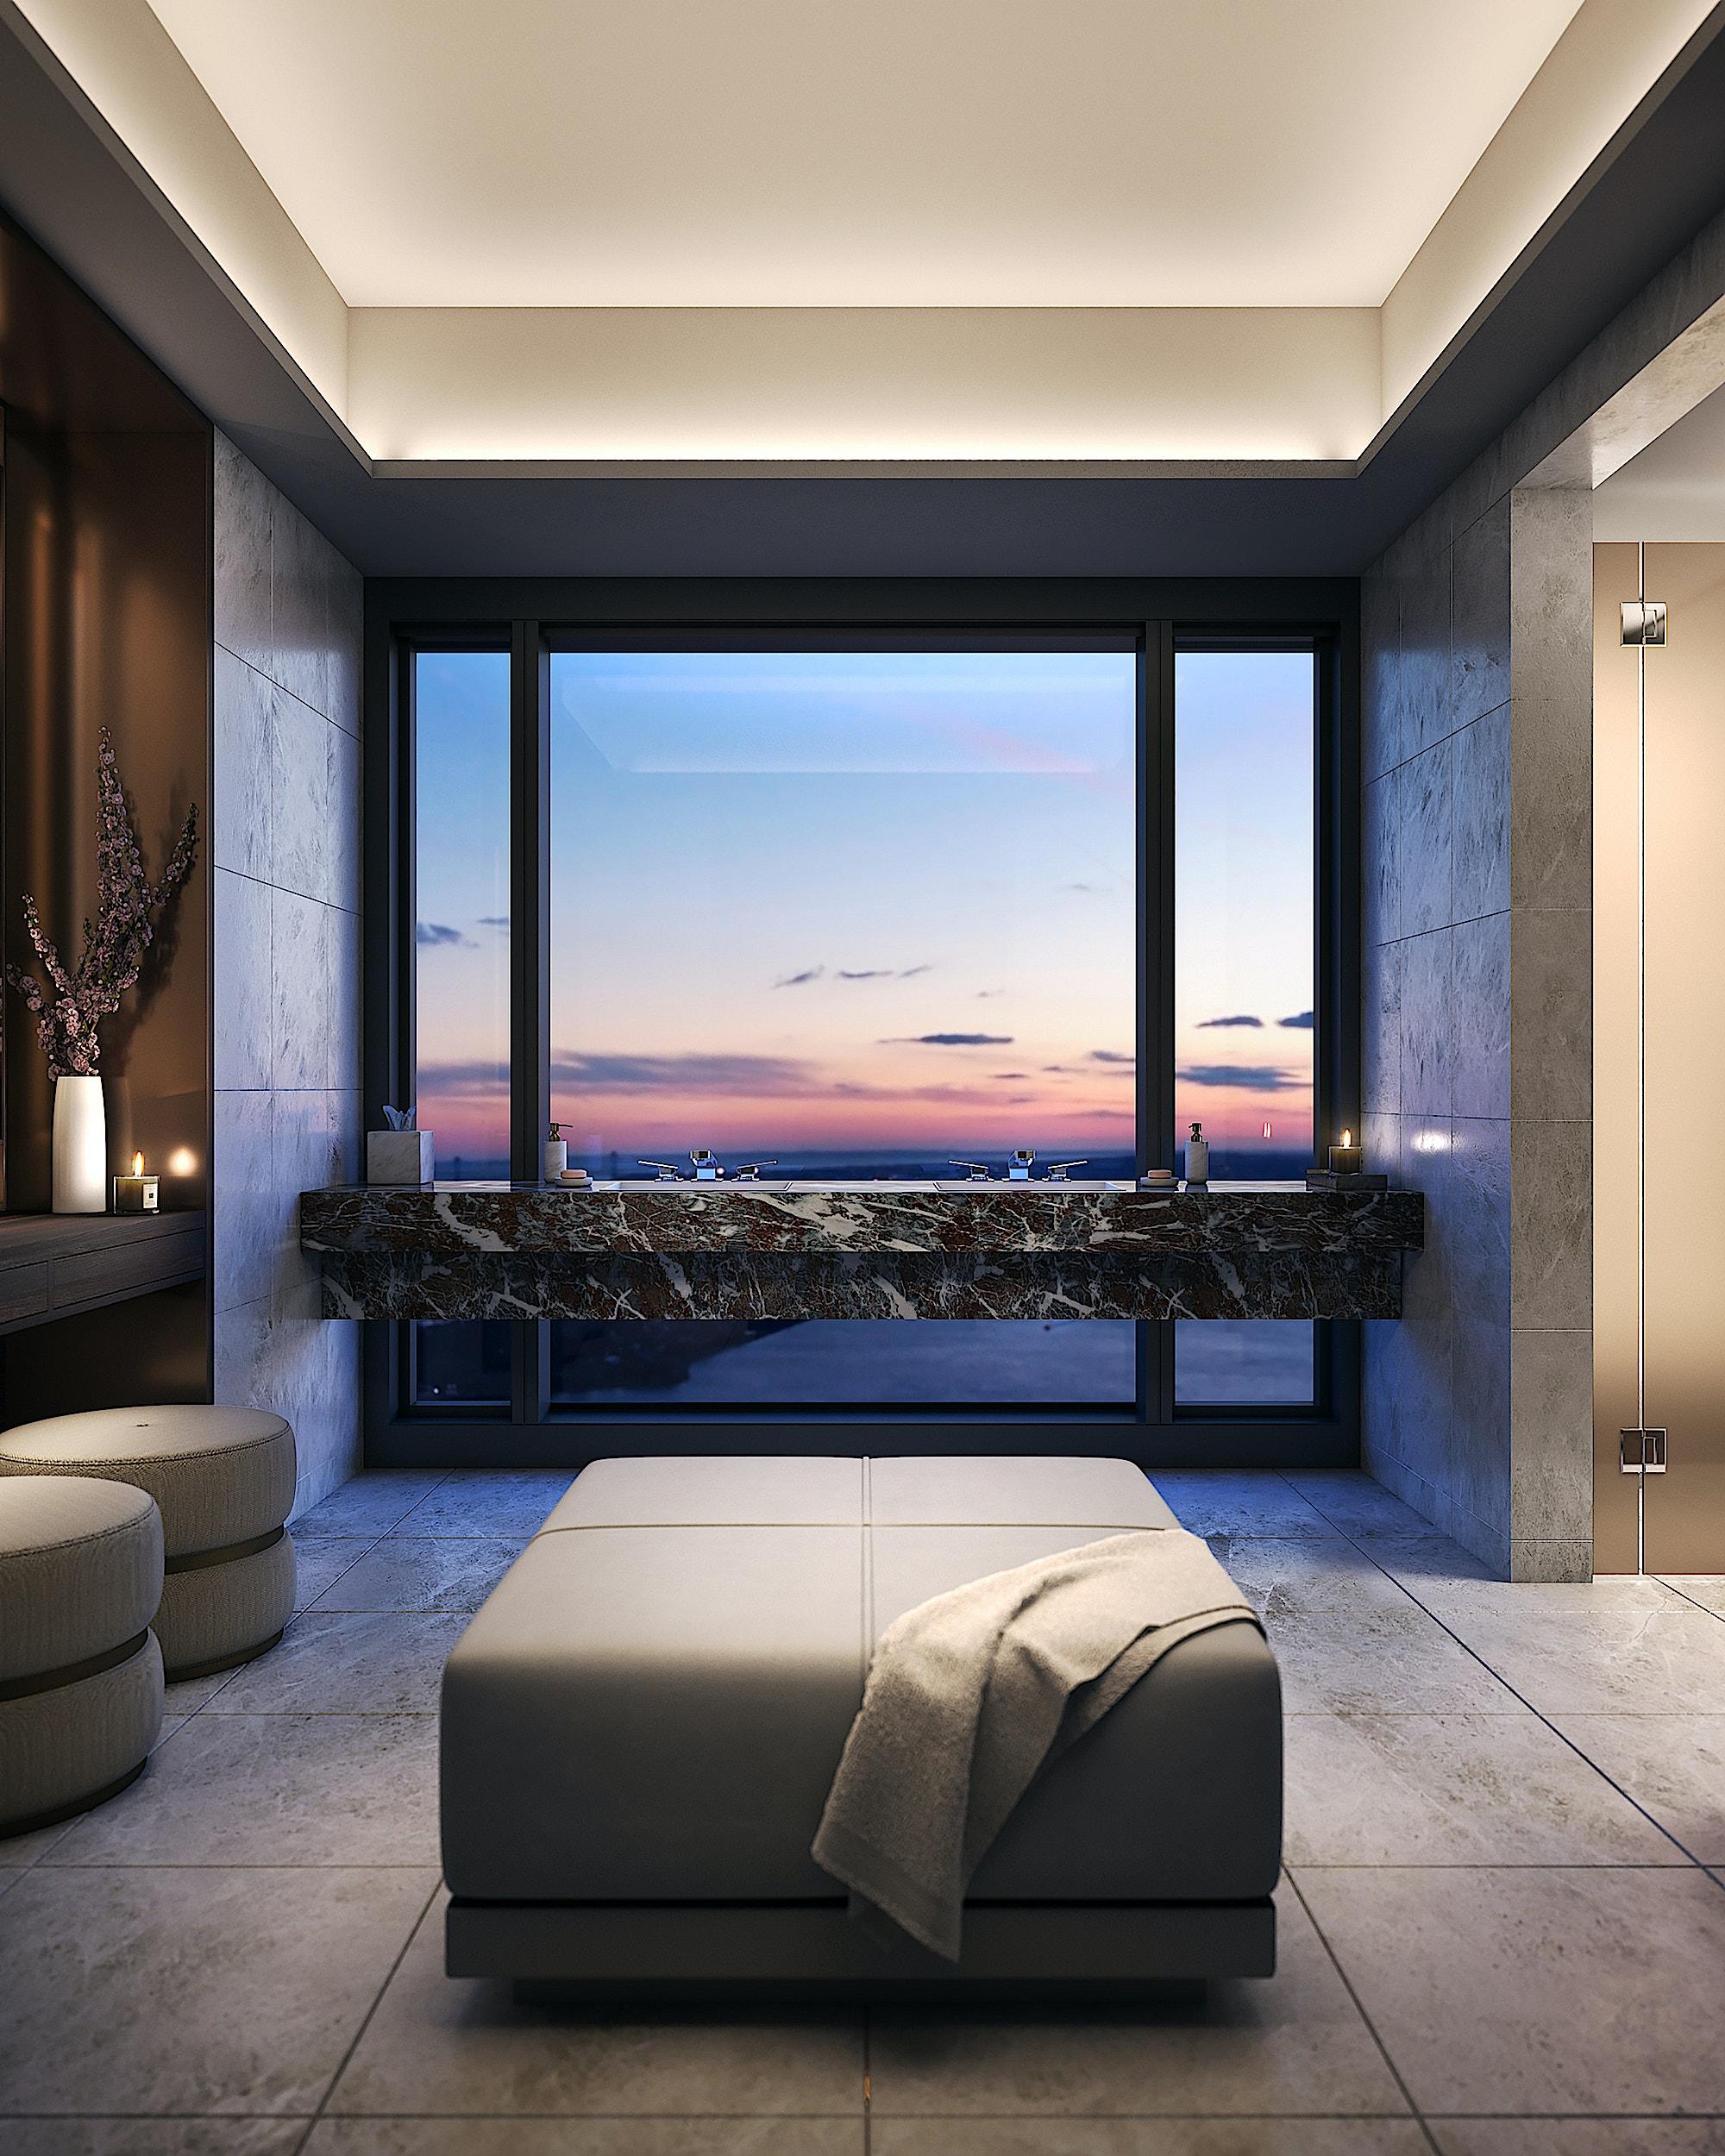 125-Greenwich-spa-interior-design